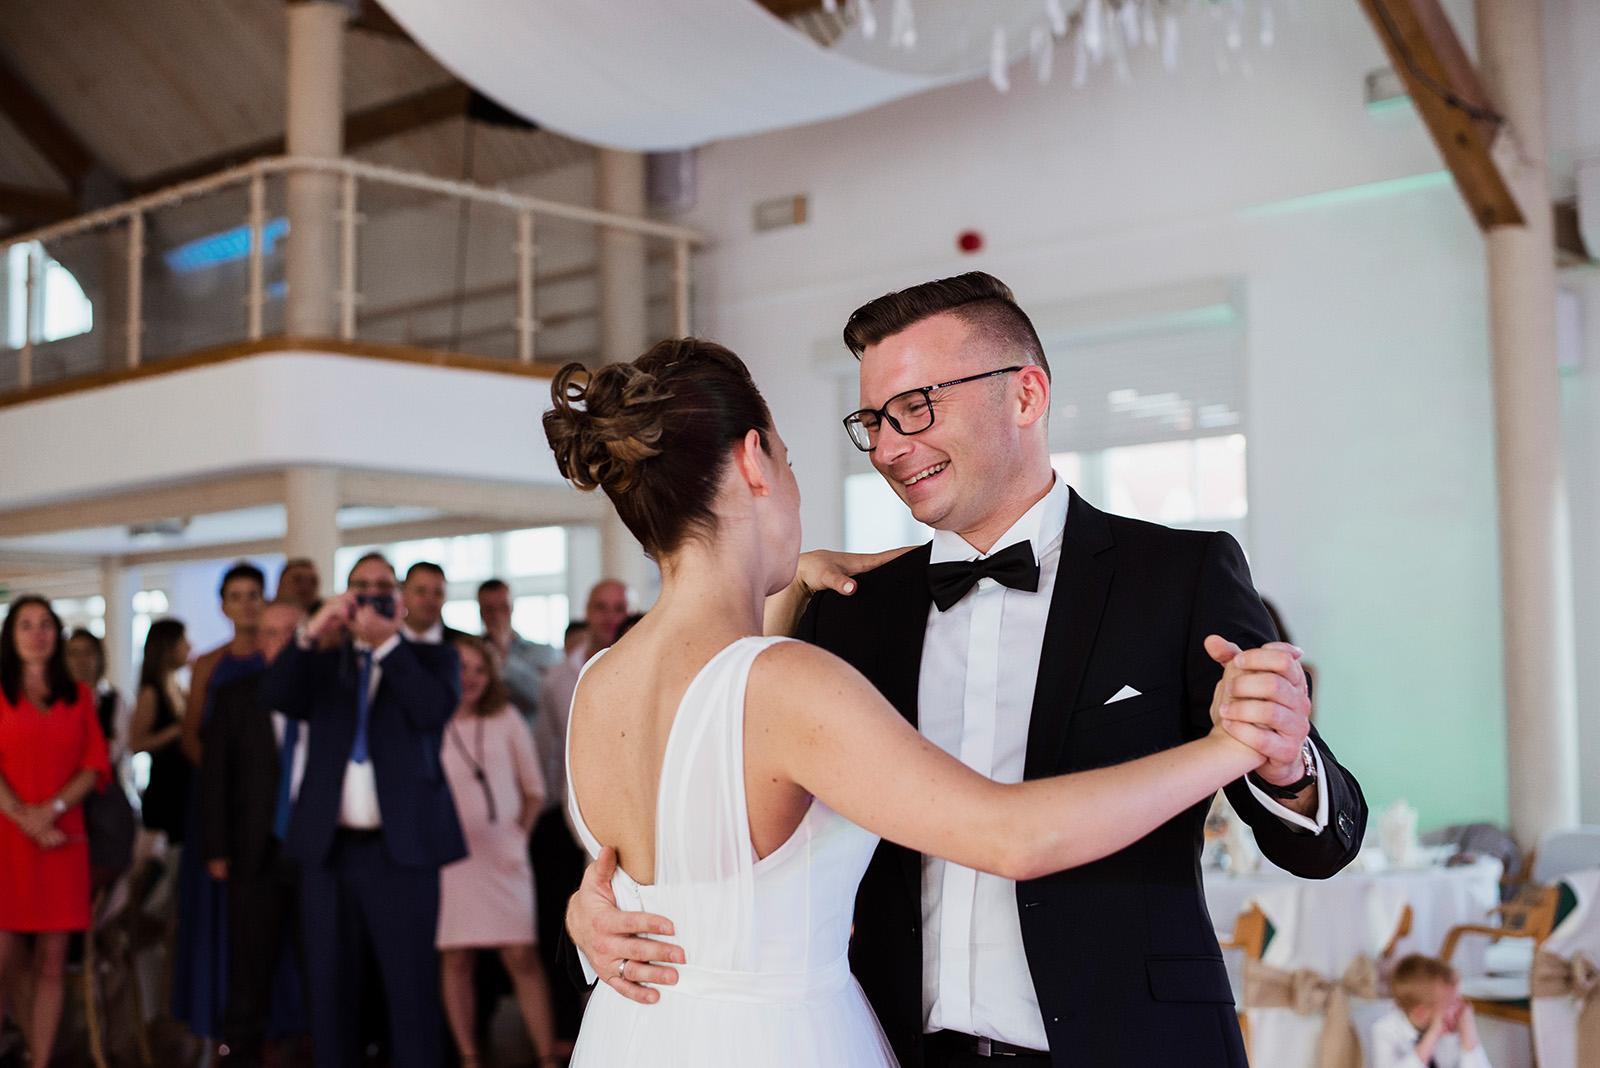 naturalna fotografia slubna - wesele w palacu krzyzowa - pierwszy taniec